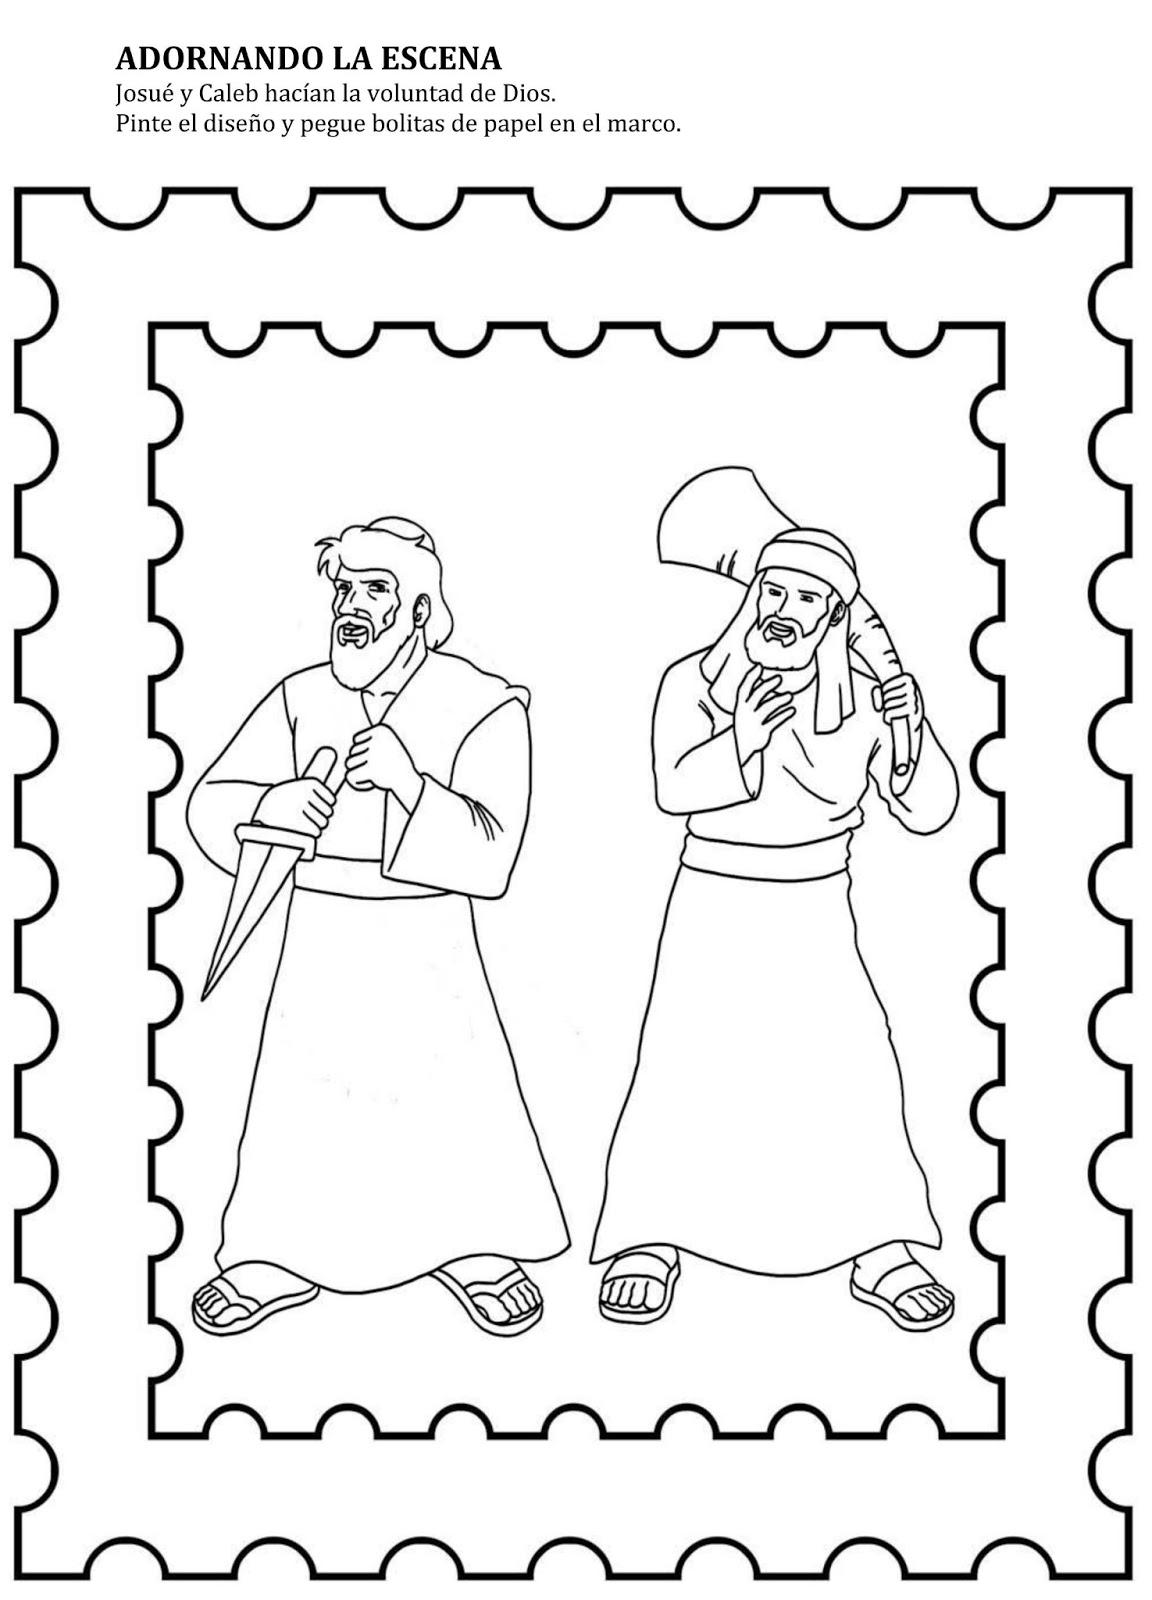 Historia De Josue Y Caleb Enviar Por Correo Electr Sketch